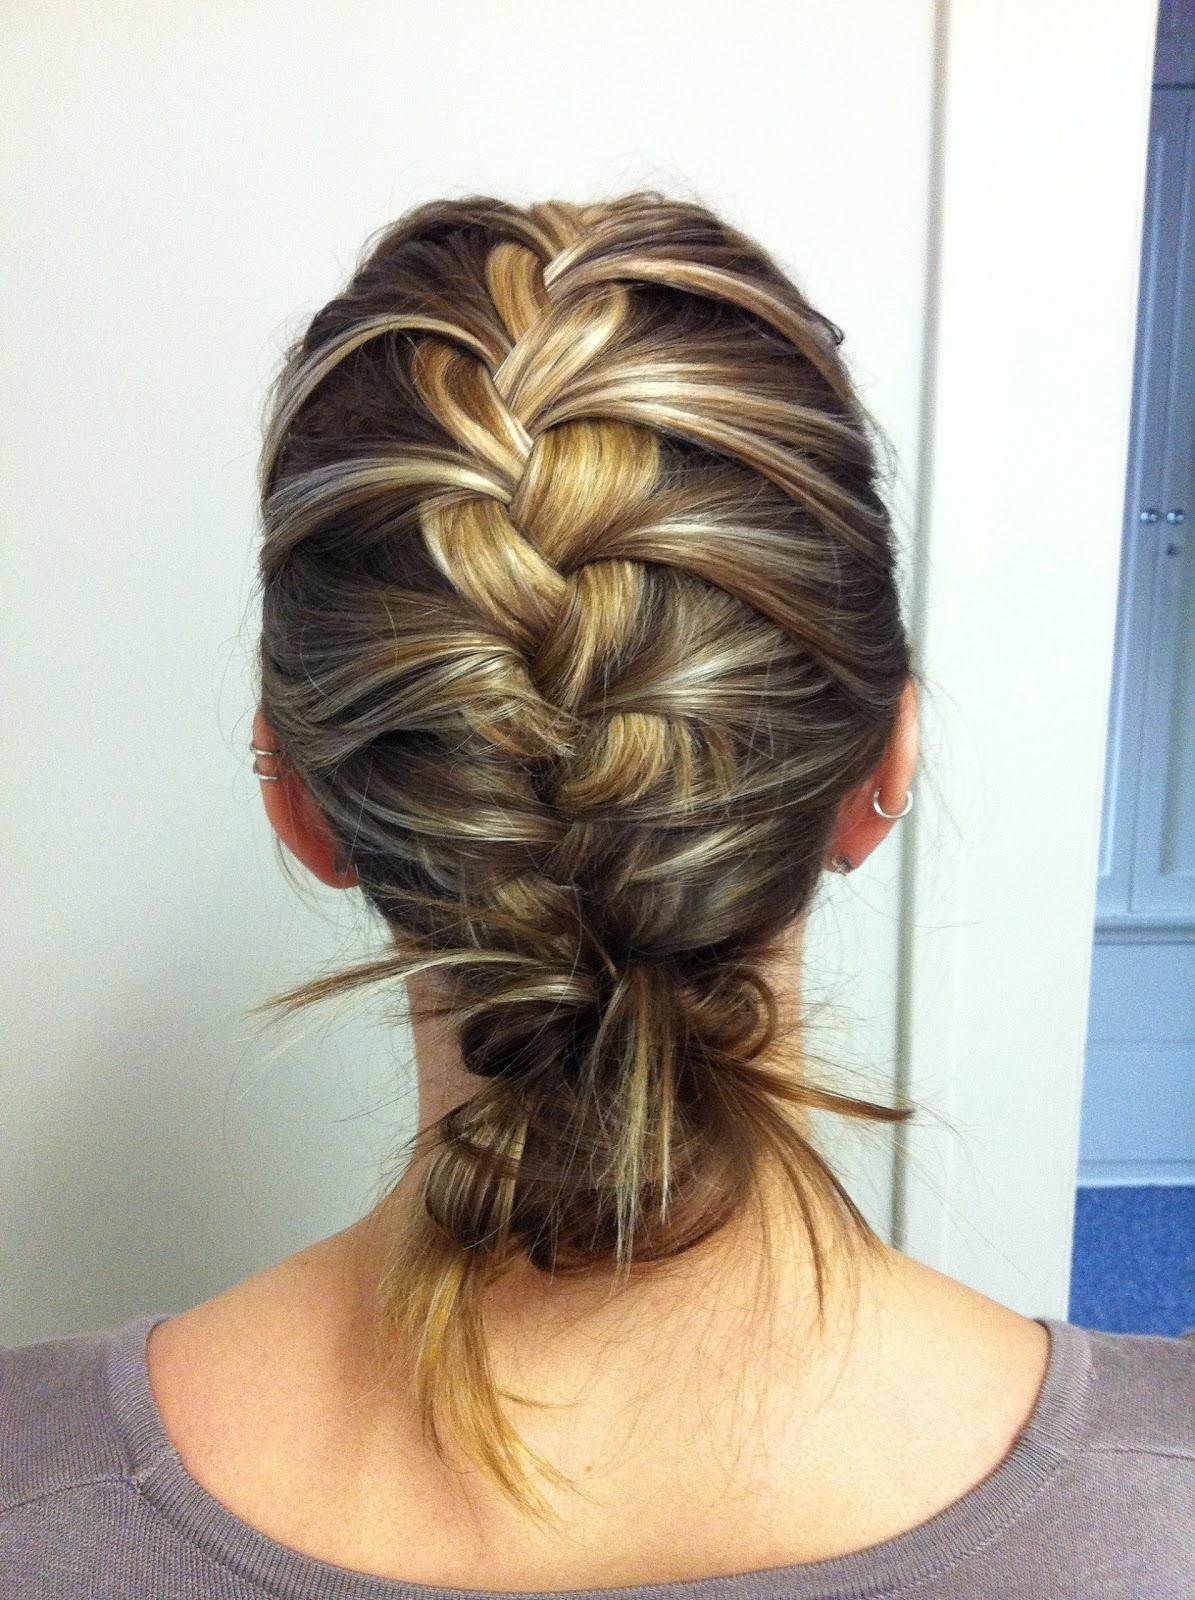 bye bye beehive a hairstyle blog: french braid a la bun.